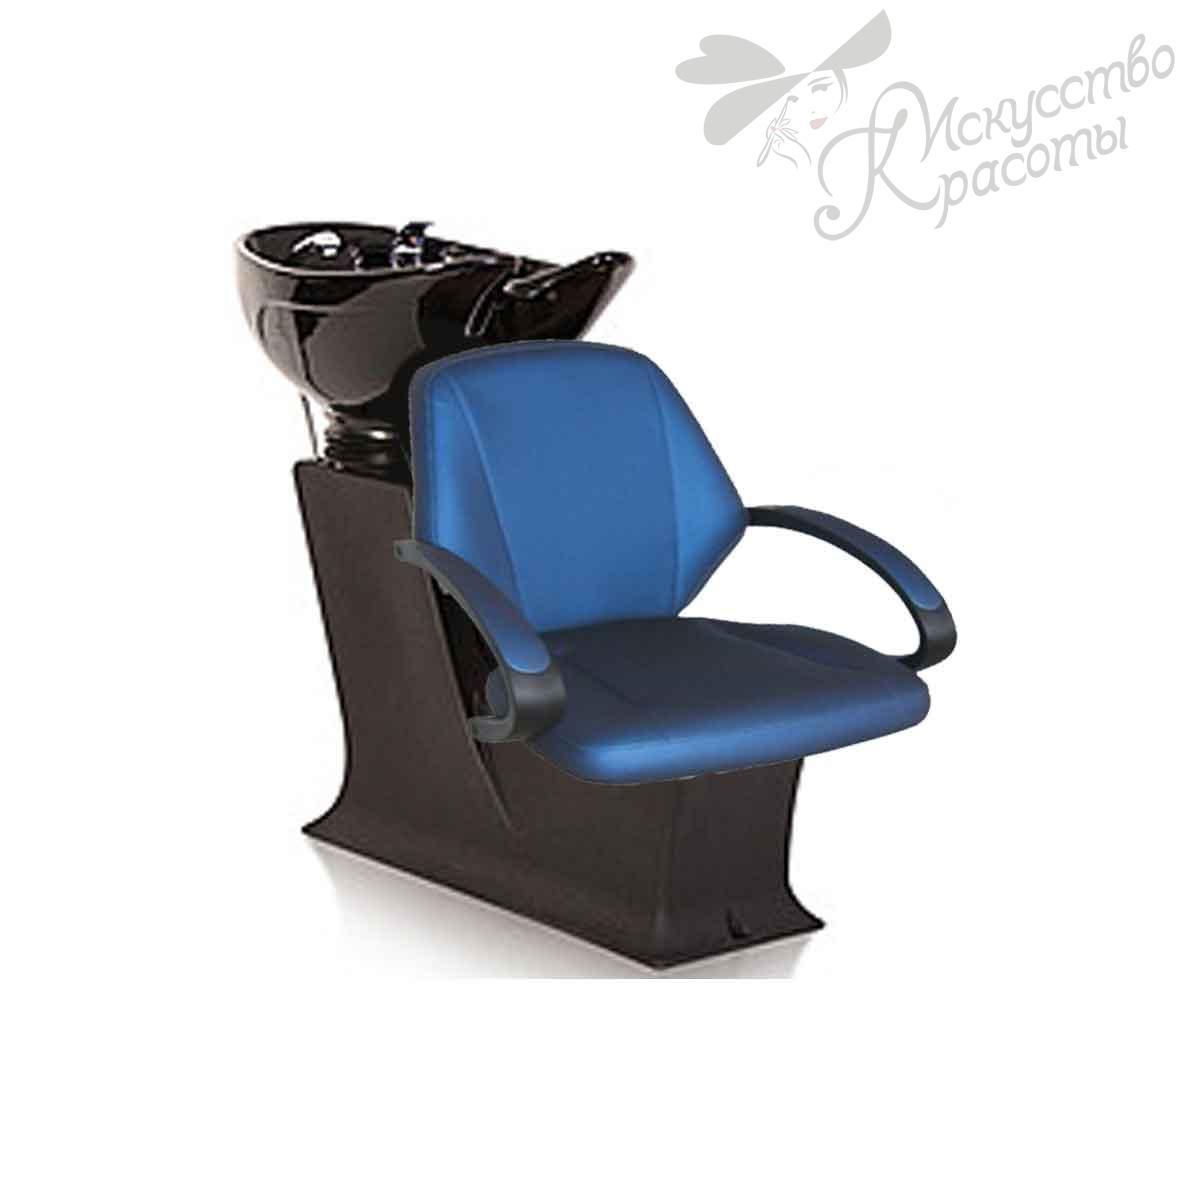 Парикмахерское кресло Макс под мойку